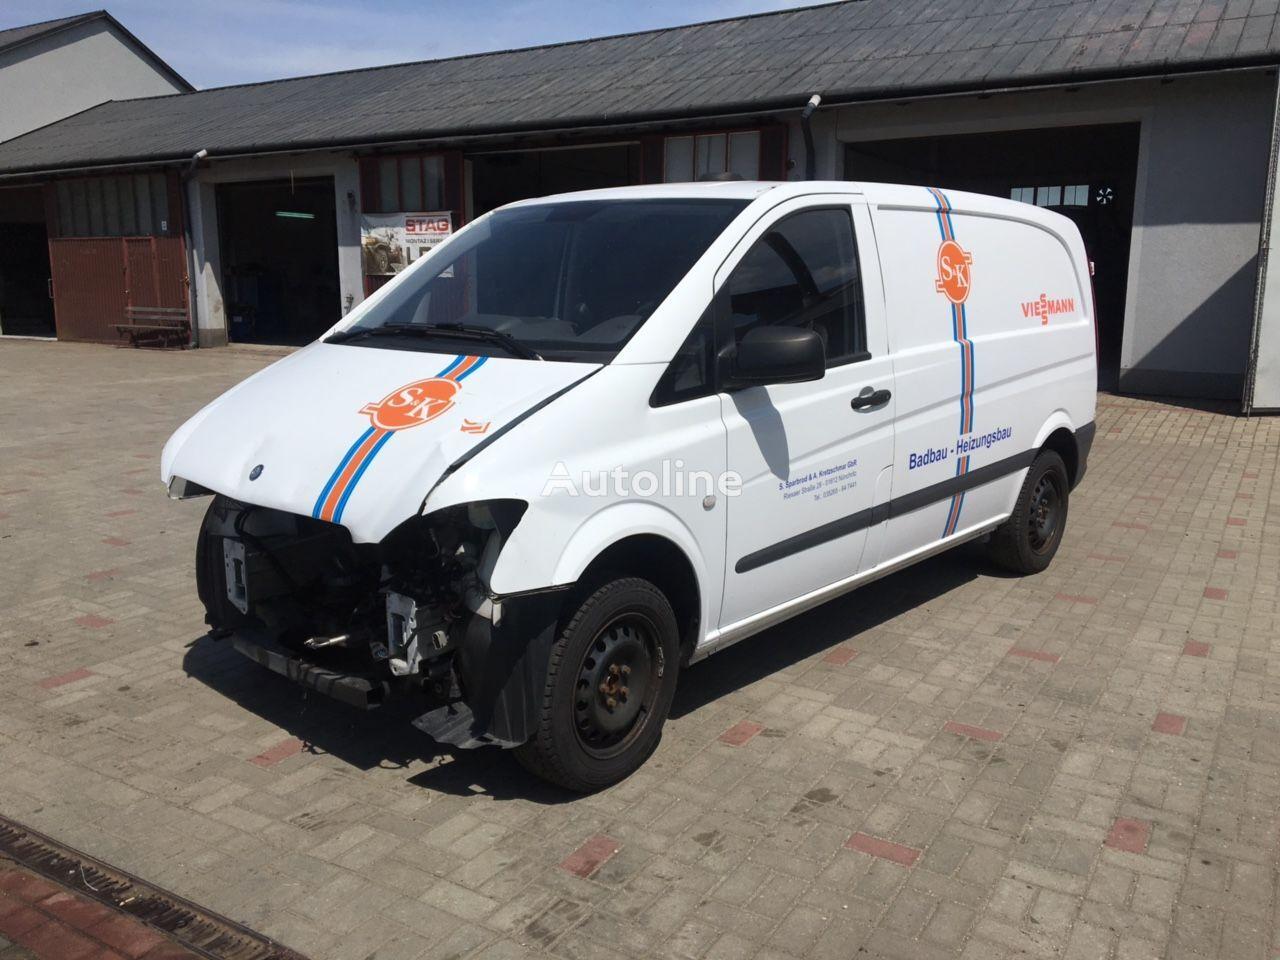 μίνι φορτηγό κόφα MERCEDES-BENZ VITO 113 μετά απο τρακάρισμα